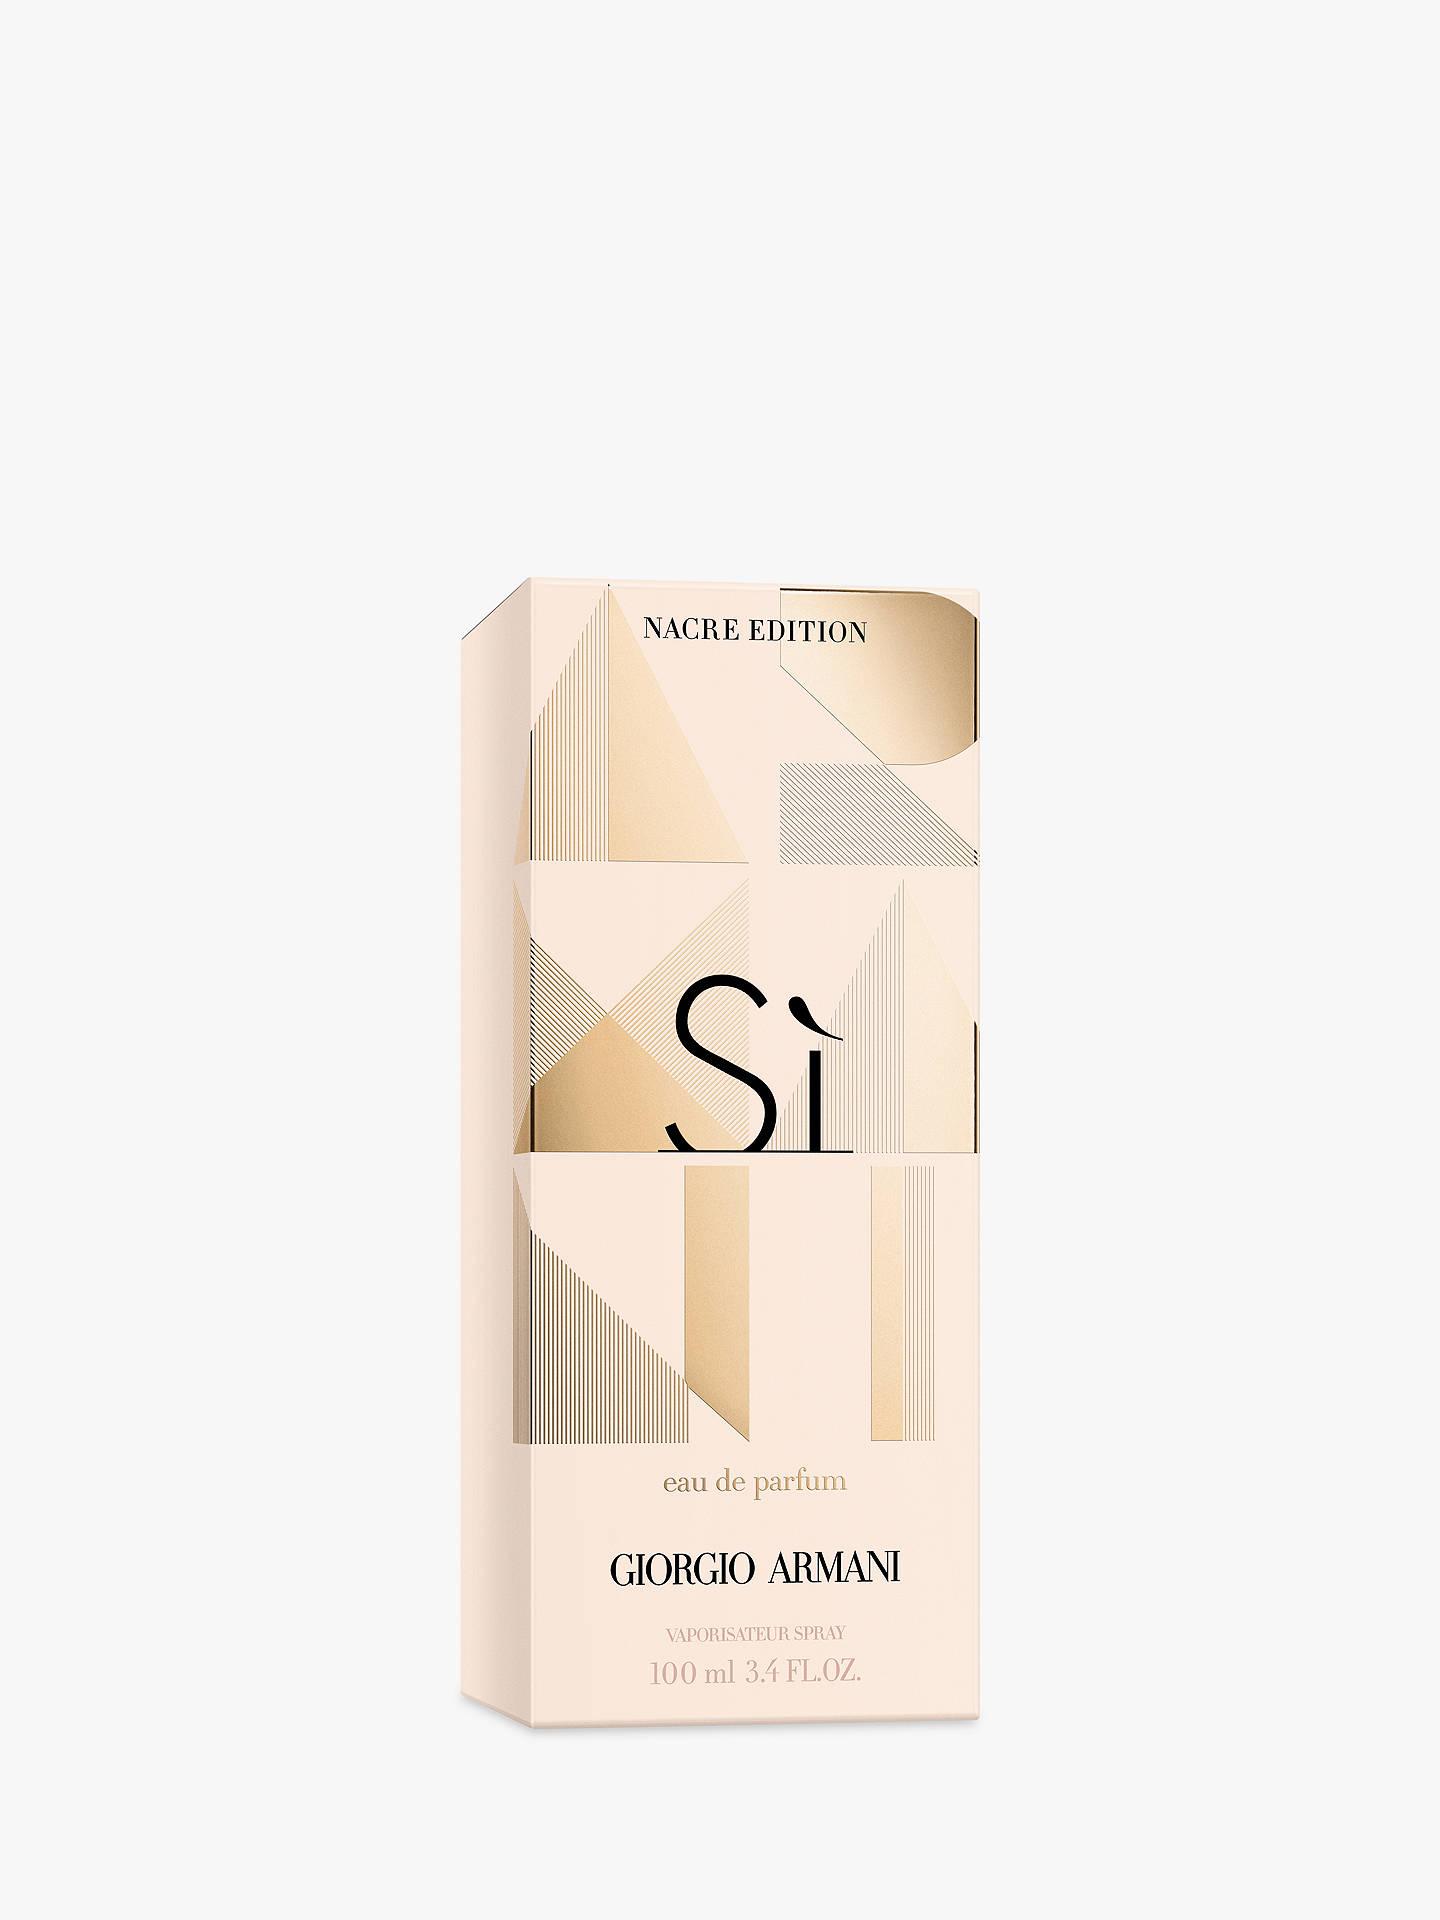 Giorgio Armani Sì Nacre Sparkling Limited Edition Eau De Parfum At